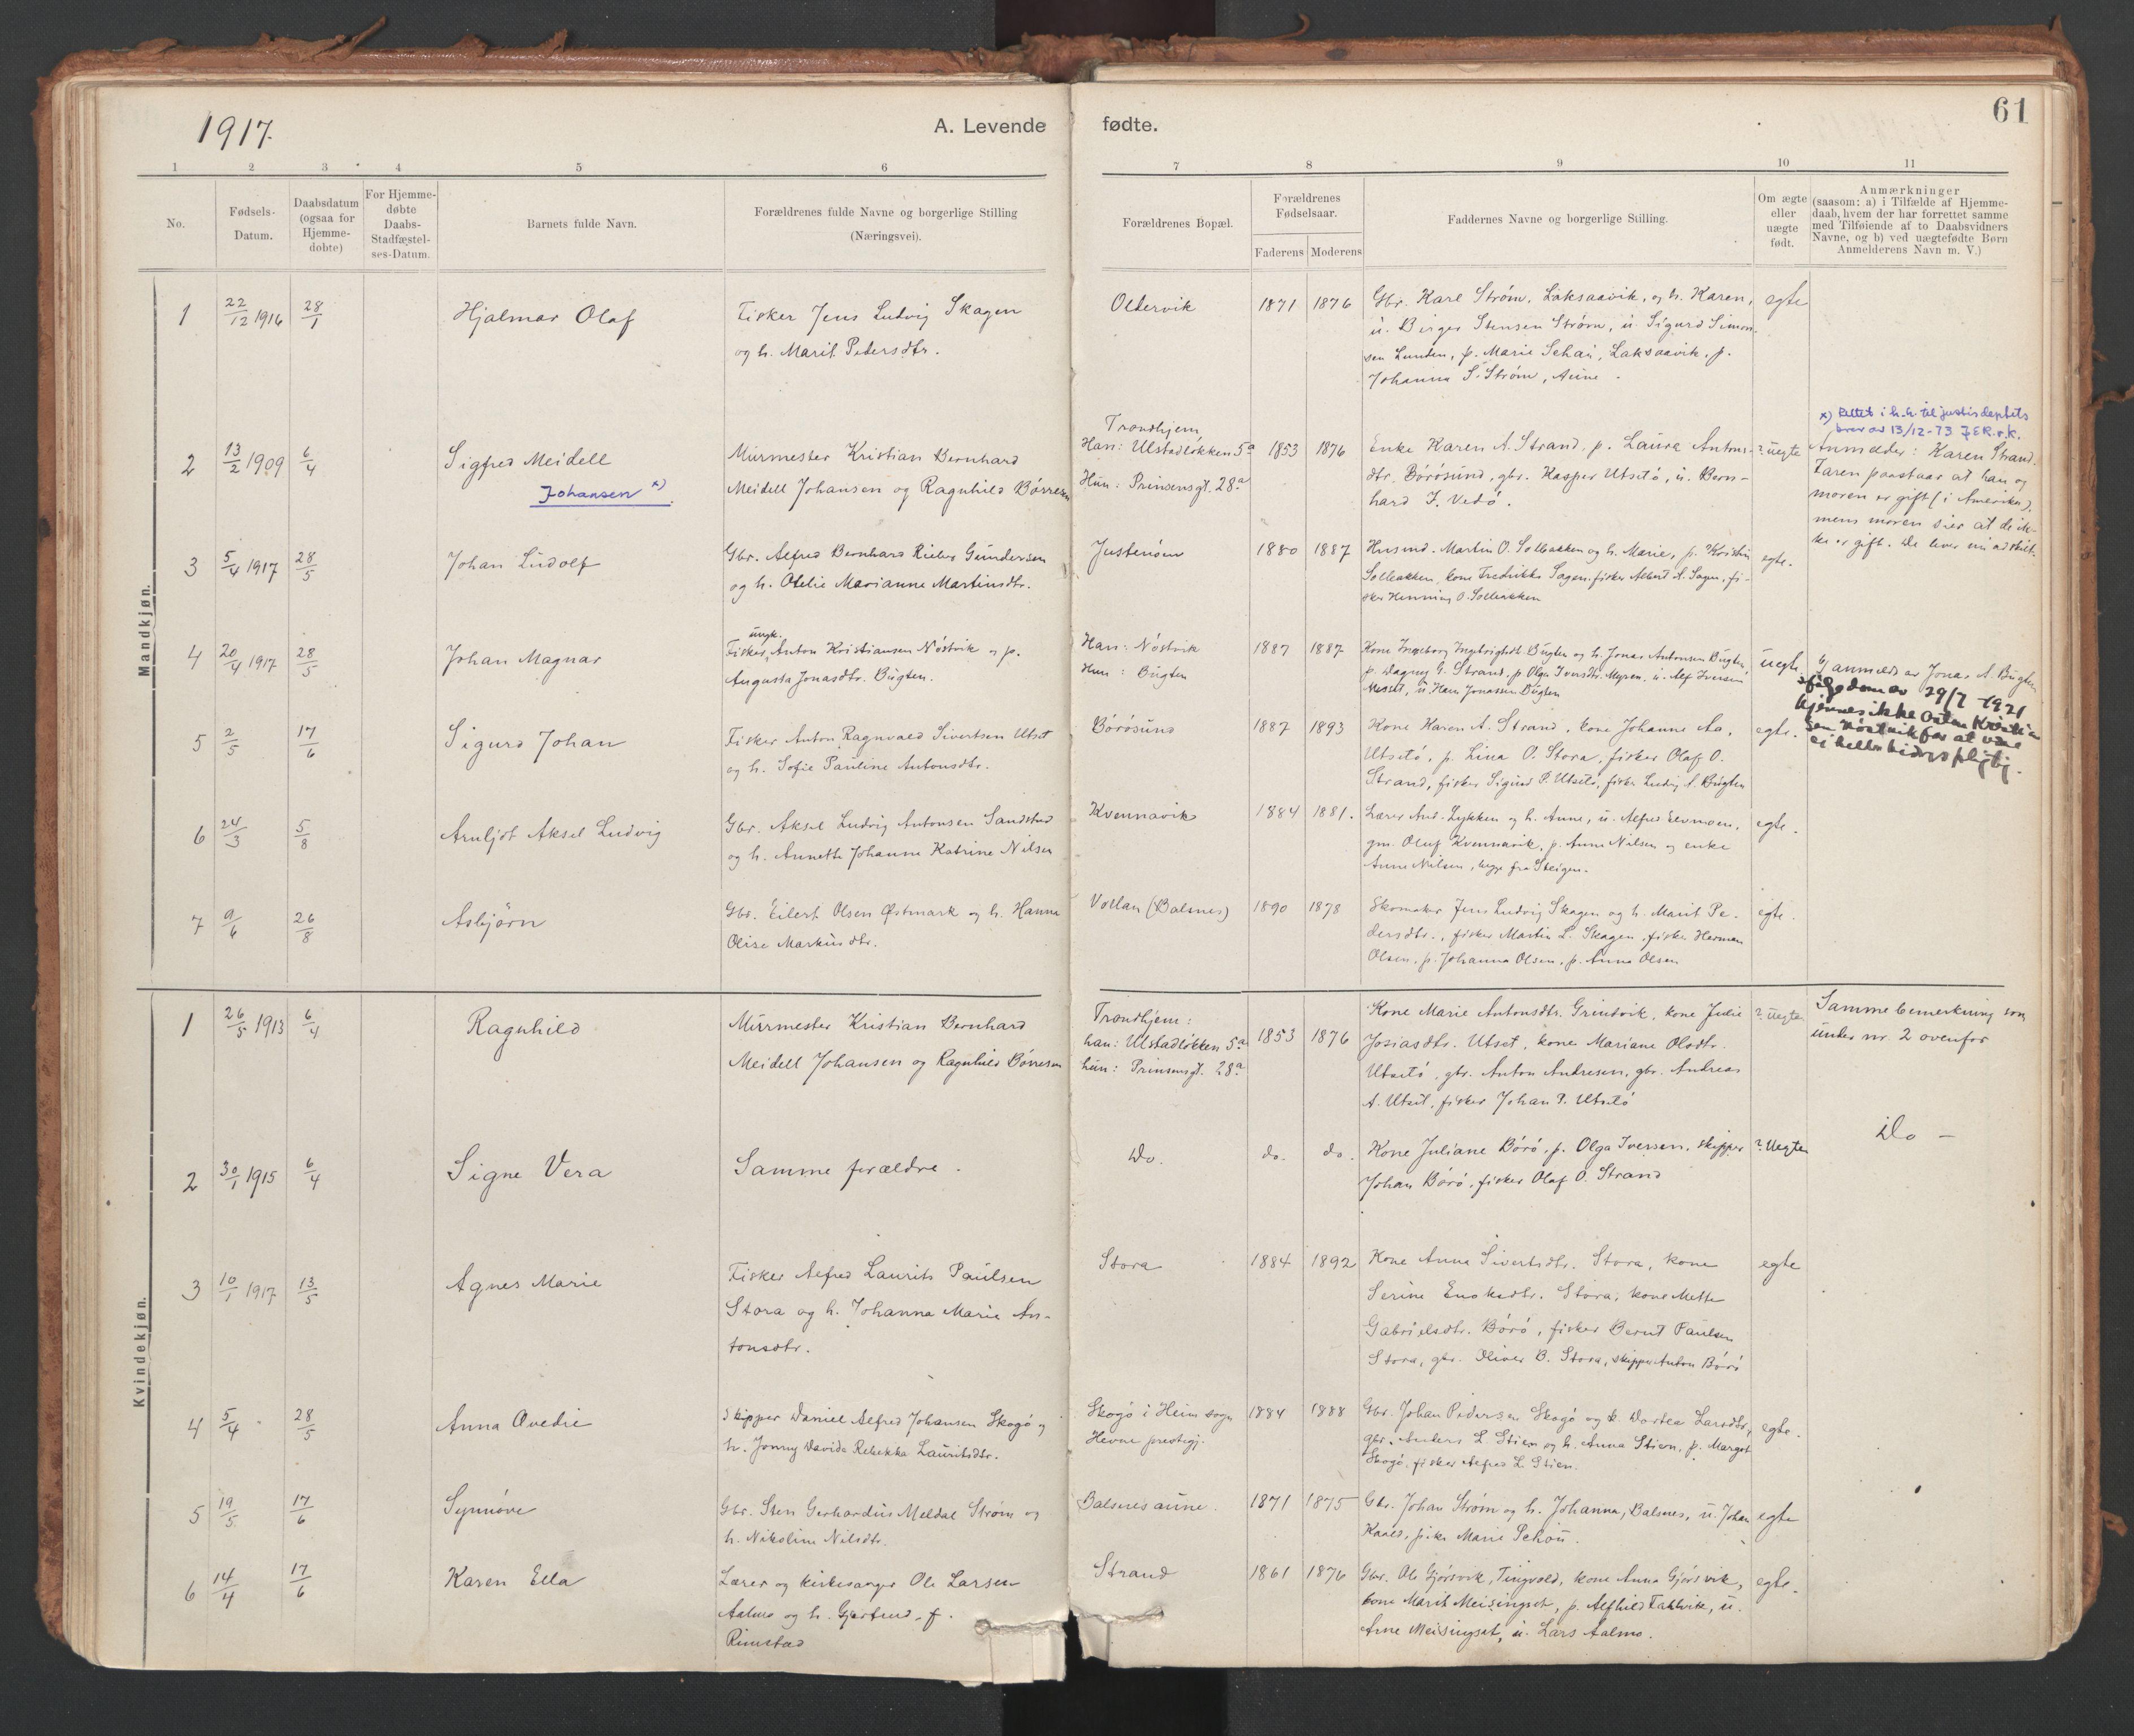 SAT, Ministerialprotokoller, klokkerbøker og fødselsregistre - Sør-Trøndelag, 639/L0572: Ministerialbok nr. 639A01, 1890-1920, s. 61